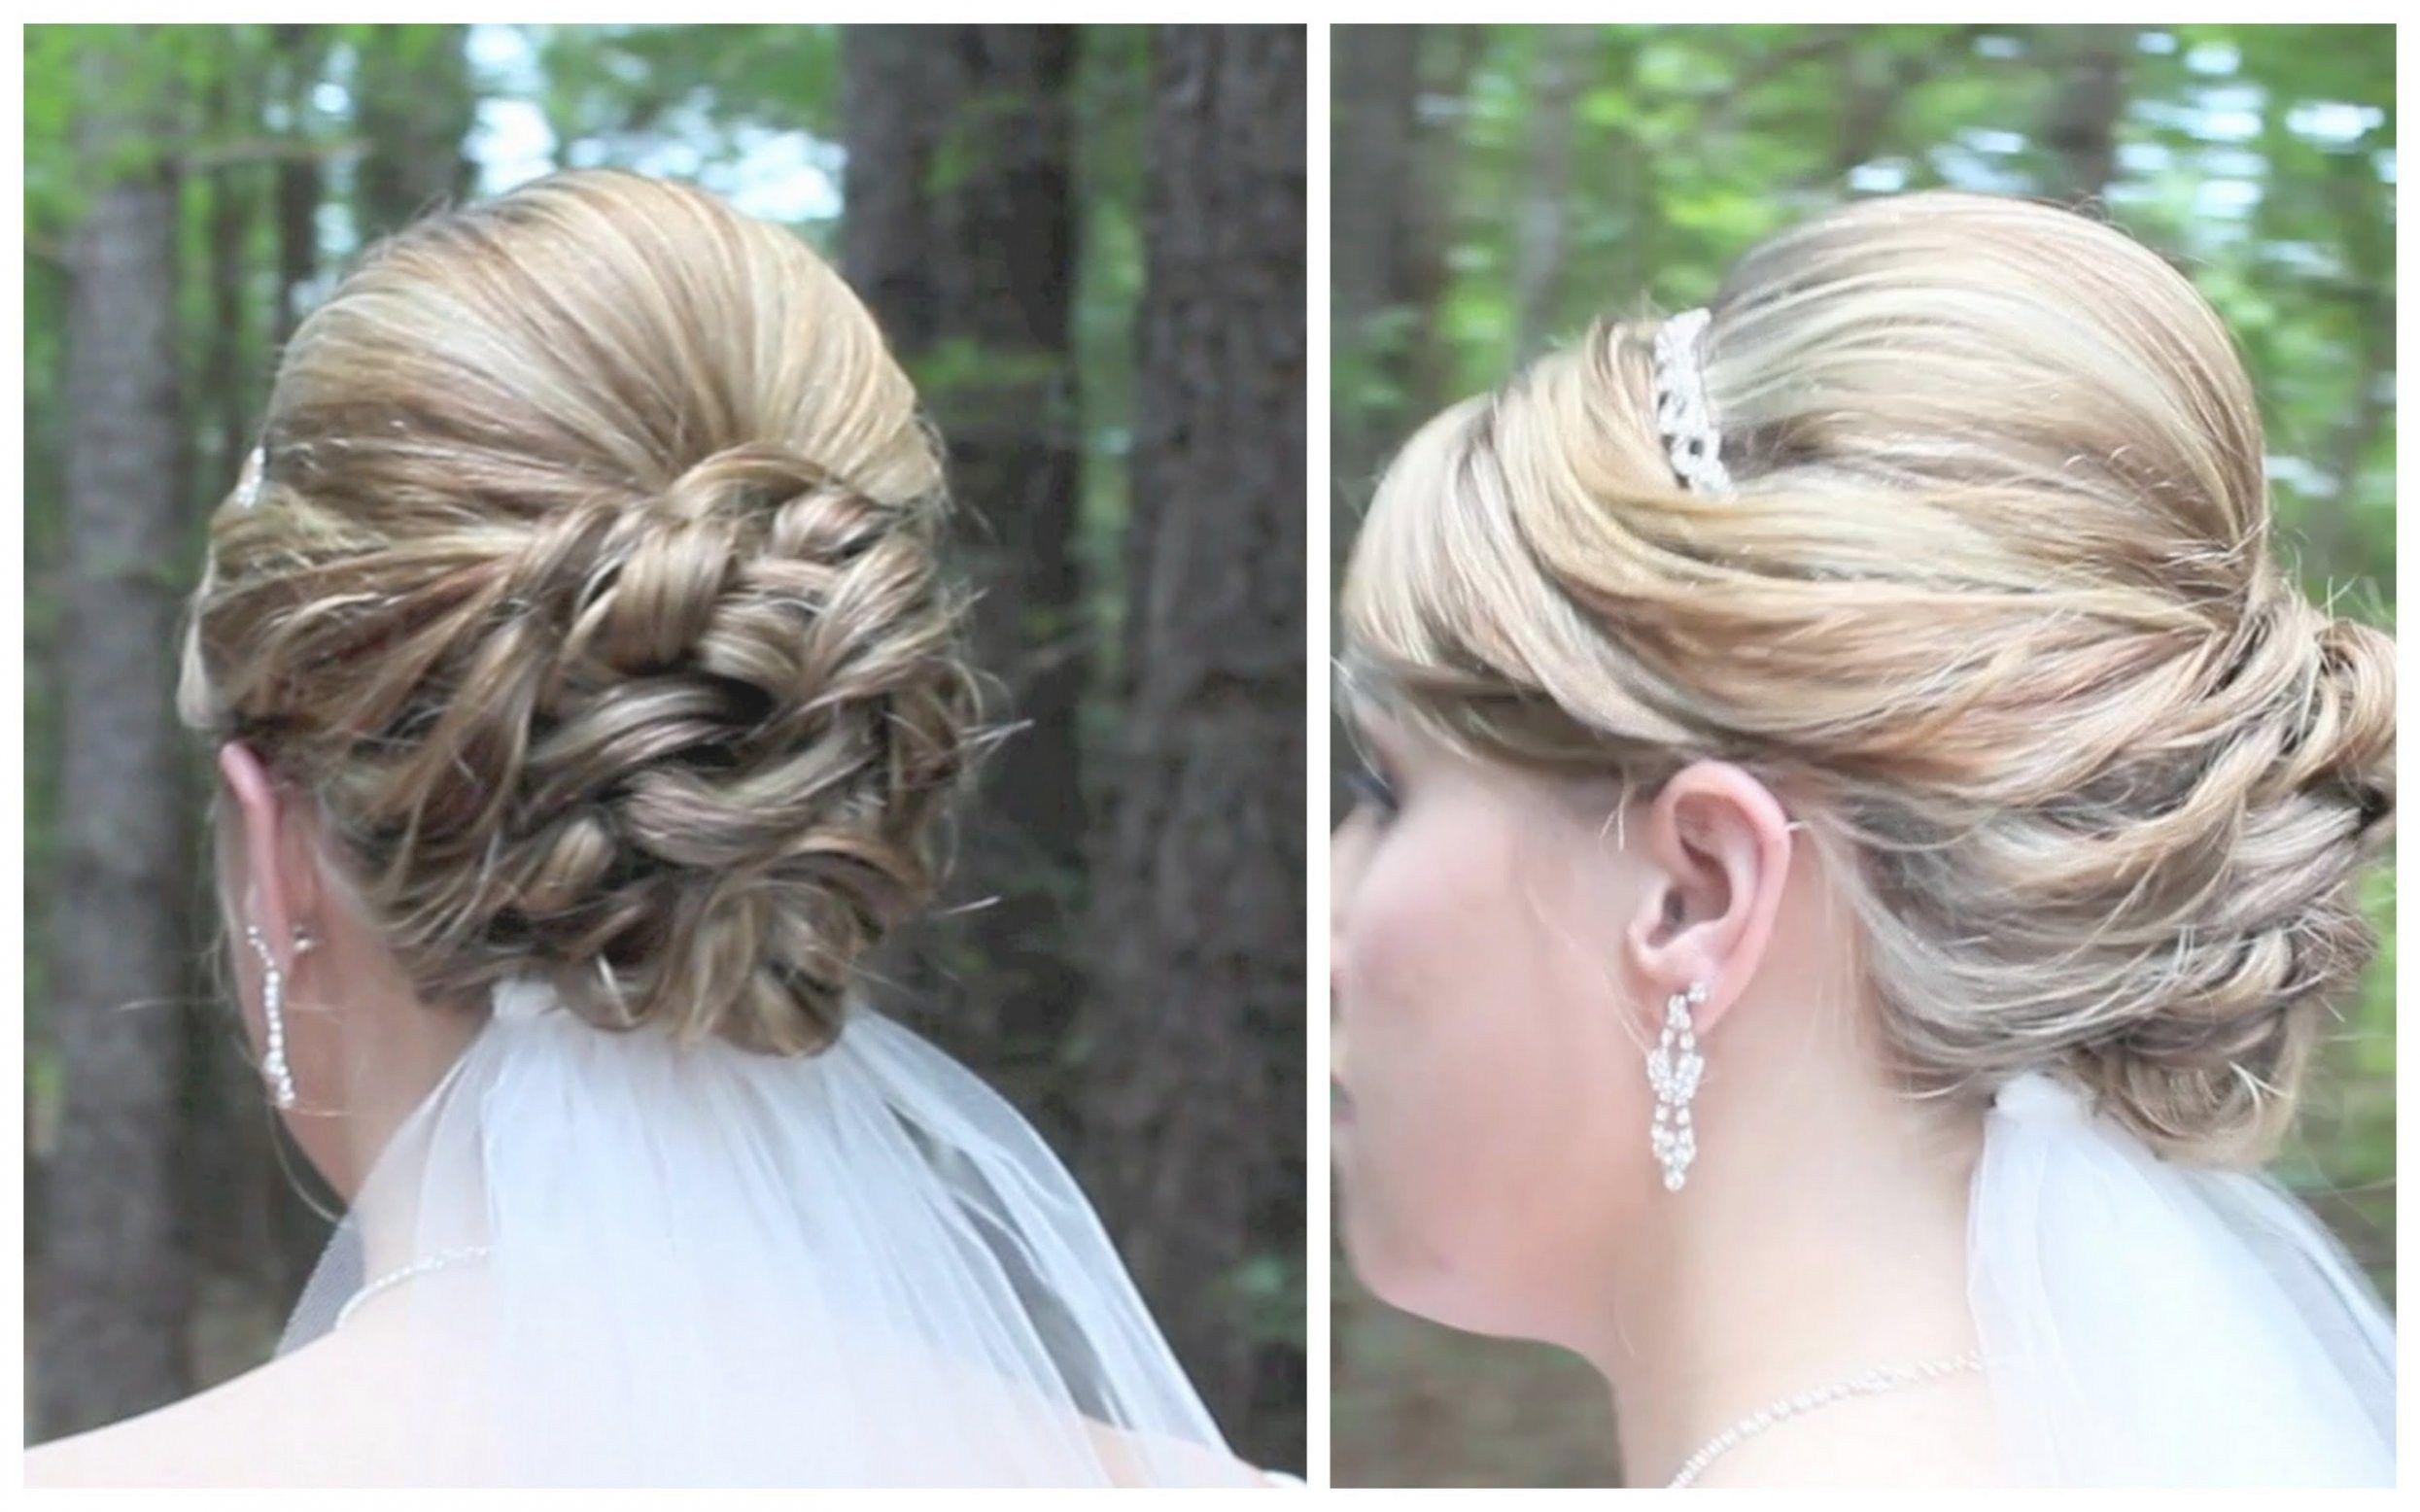 Hairstyle for medium length hair for a wedding medium length hairs